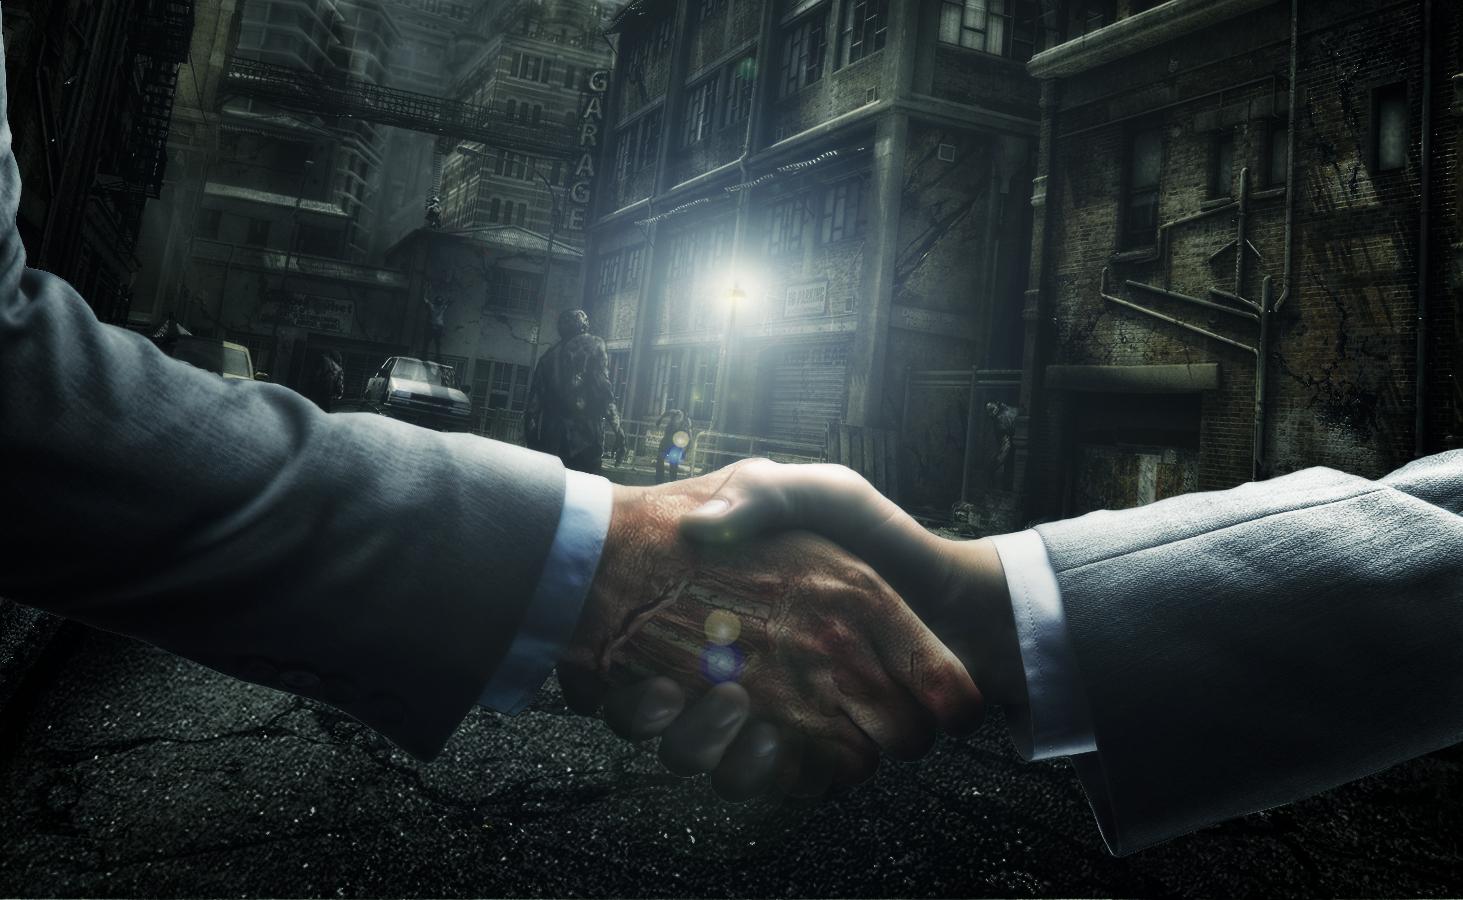 Zombie apocalypse by roiter475